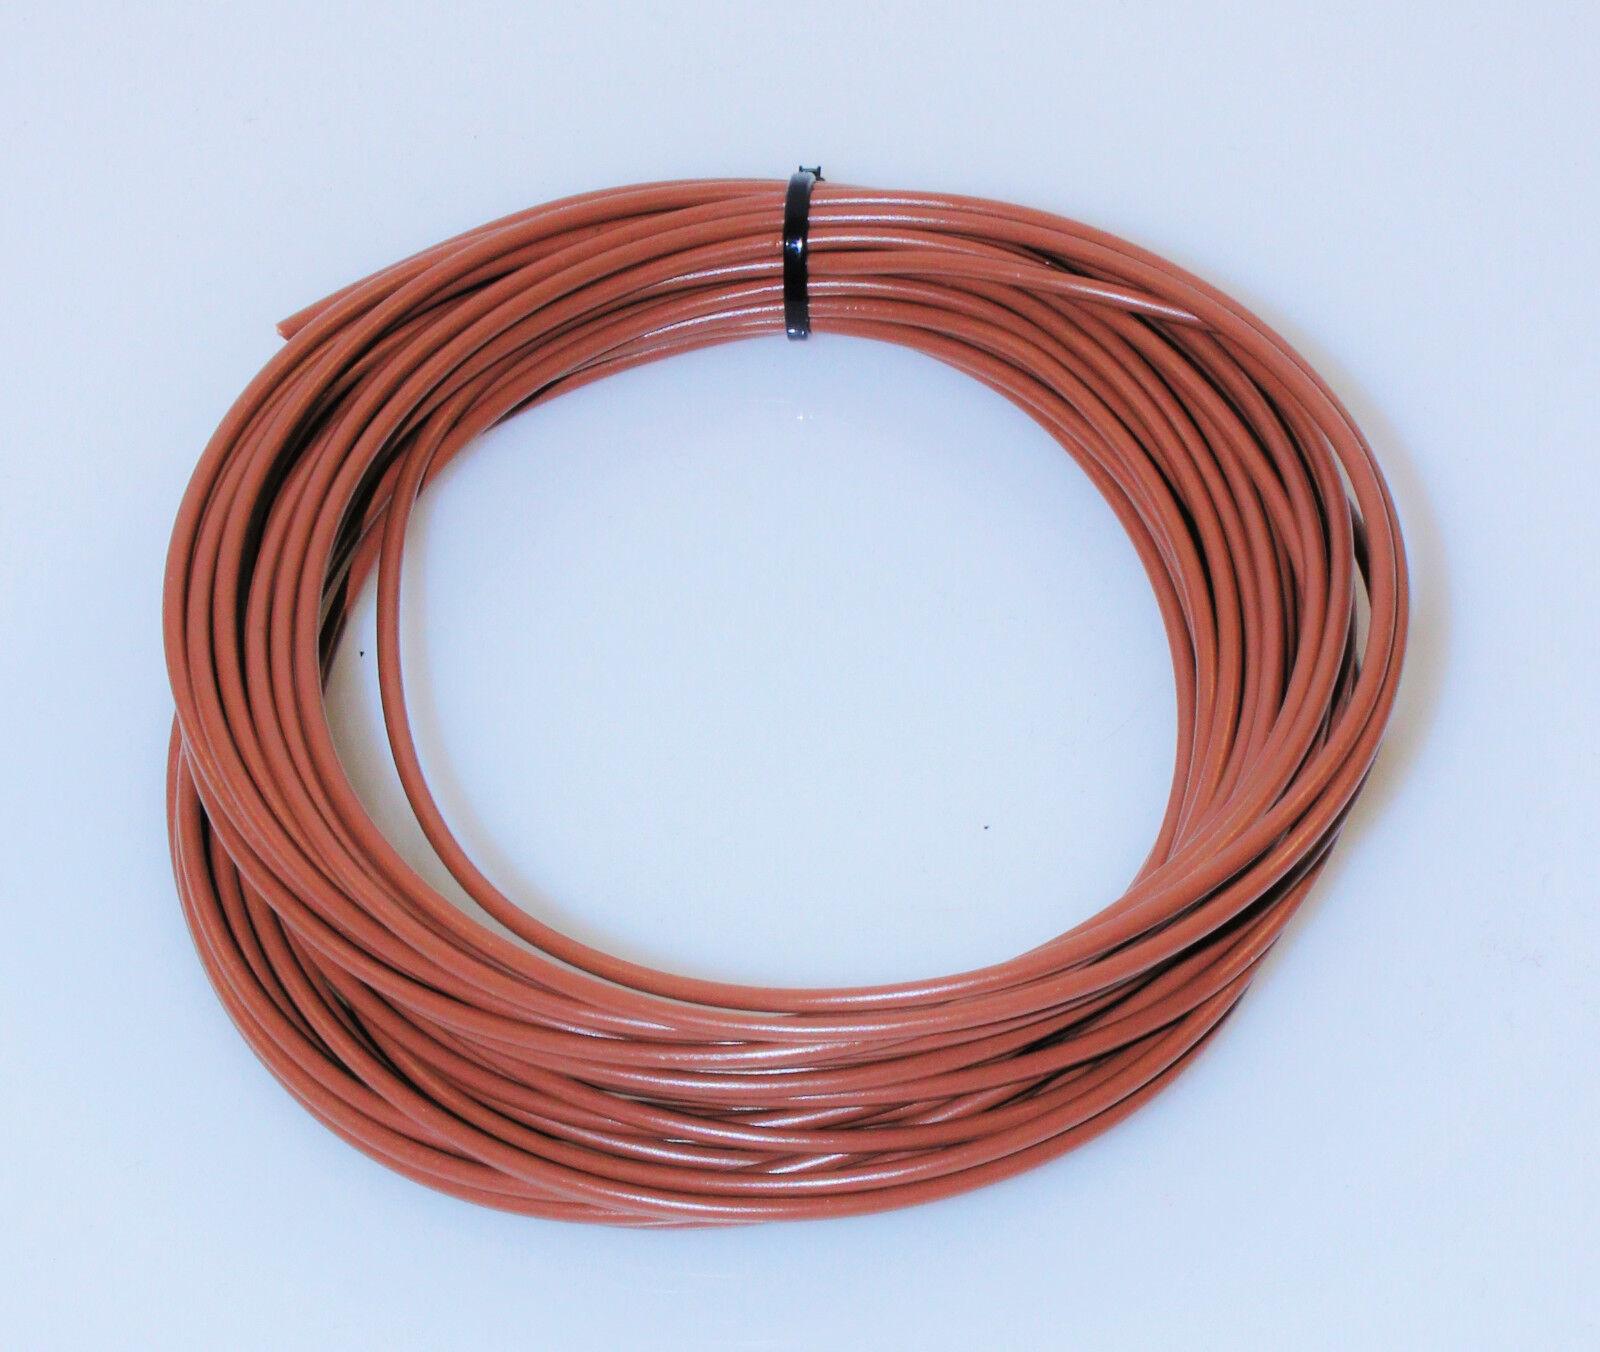 KFZ Kabel Litze Leitung FLRy 1,0mm² 10m schwarz//violett Fahrzeug Auto LKW